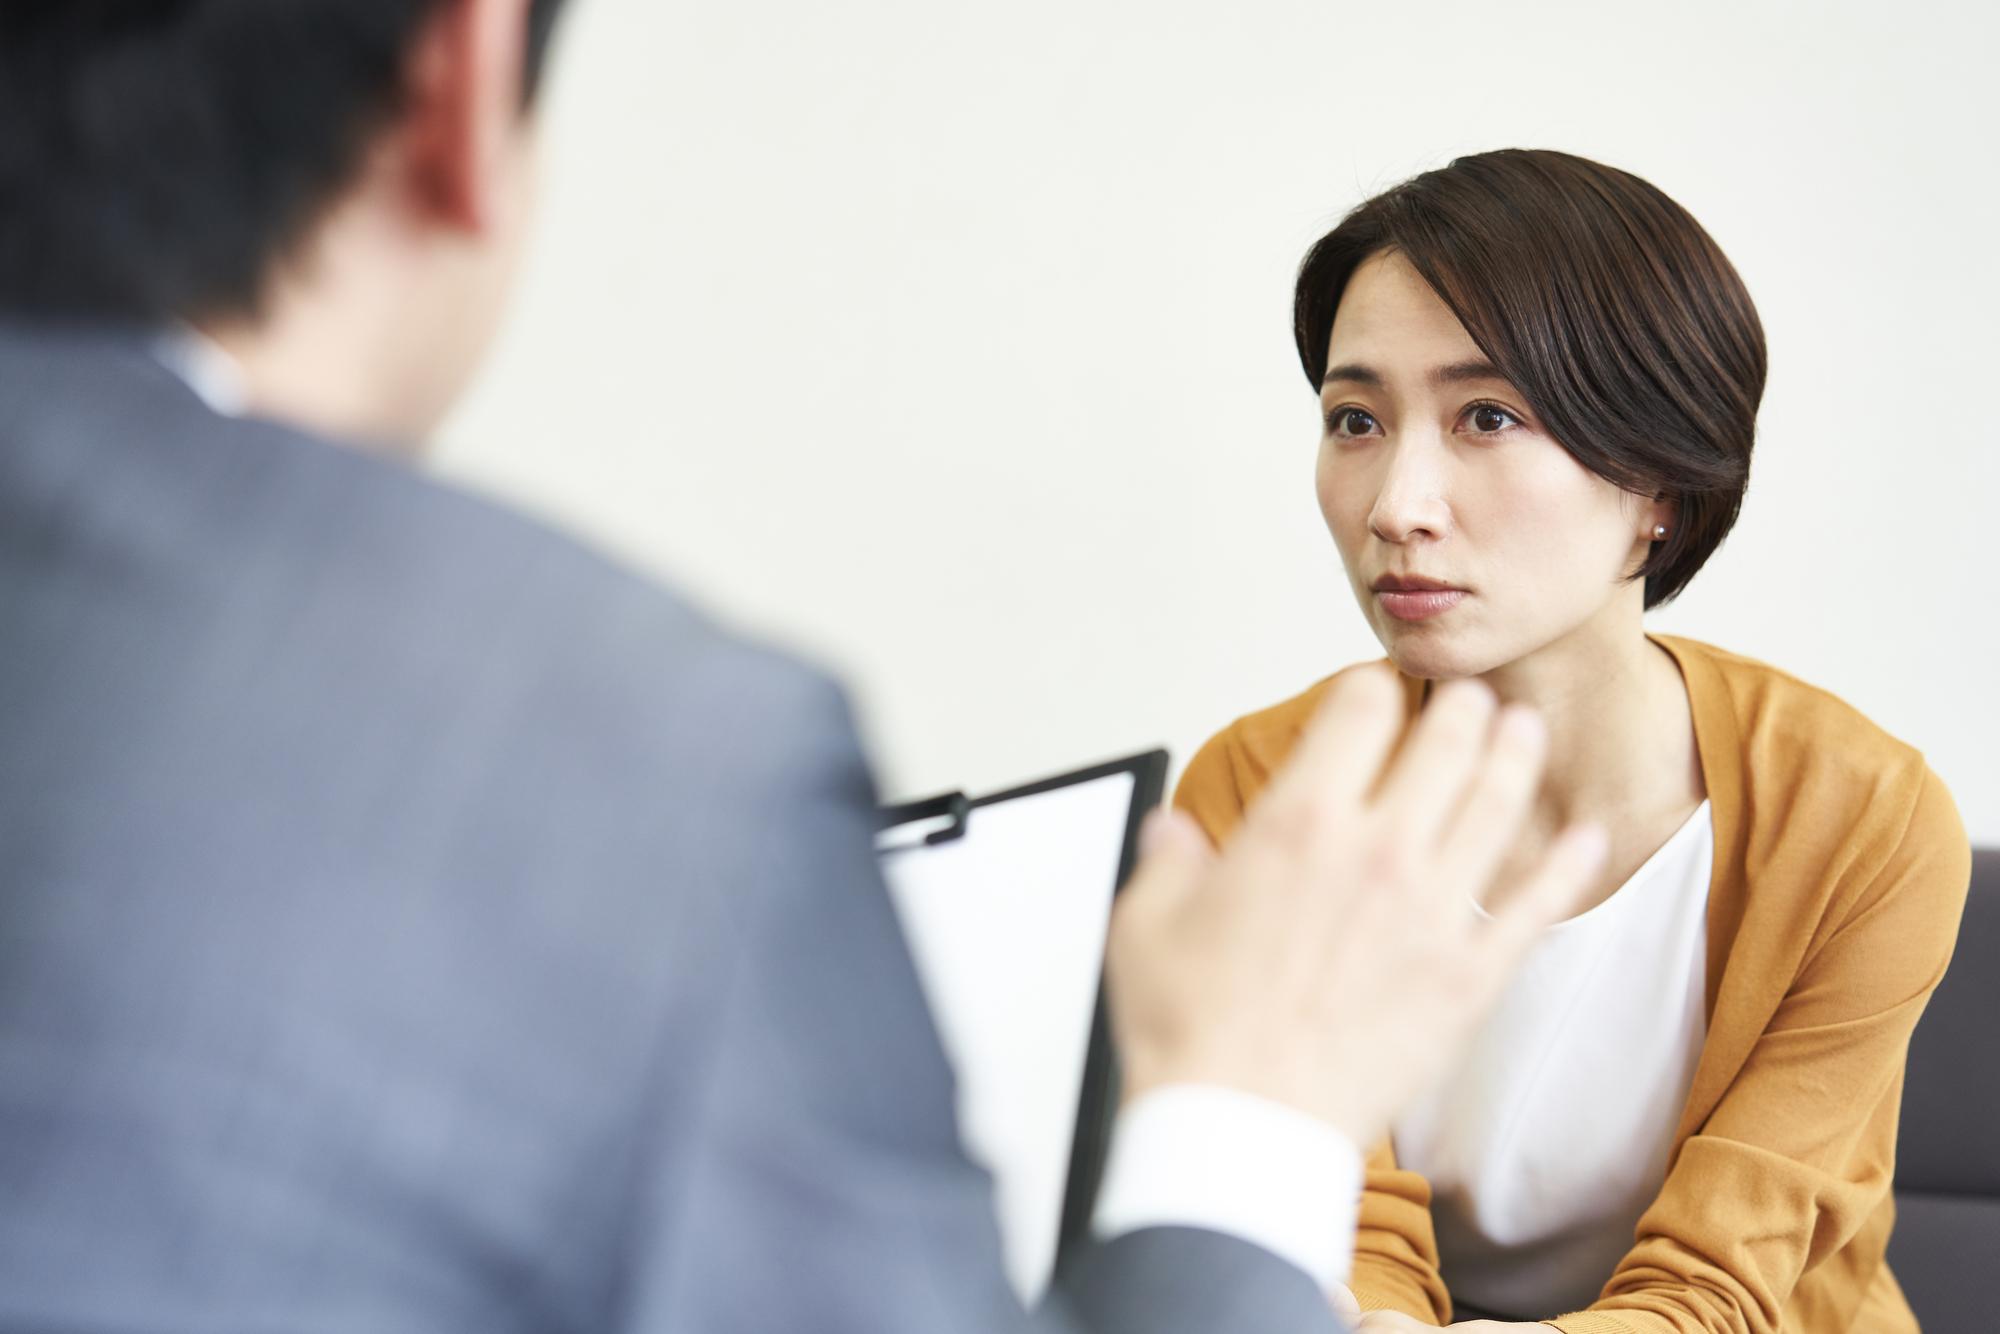 配偶者に不信感を感じたら「結婚調査」